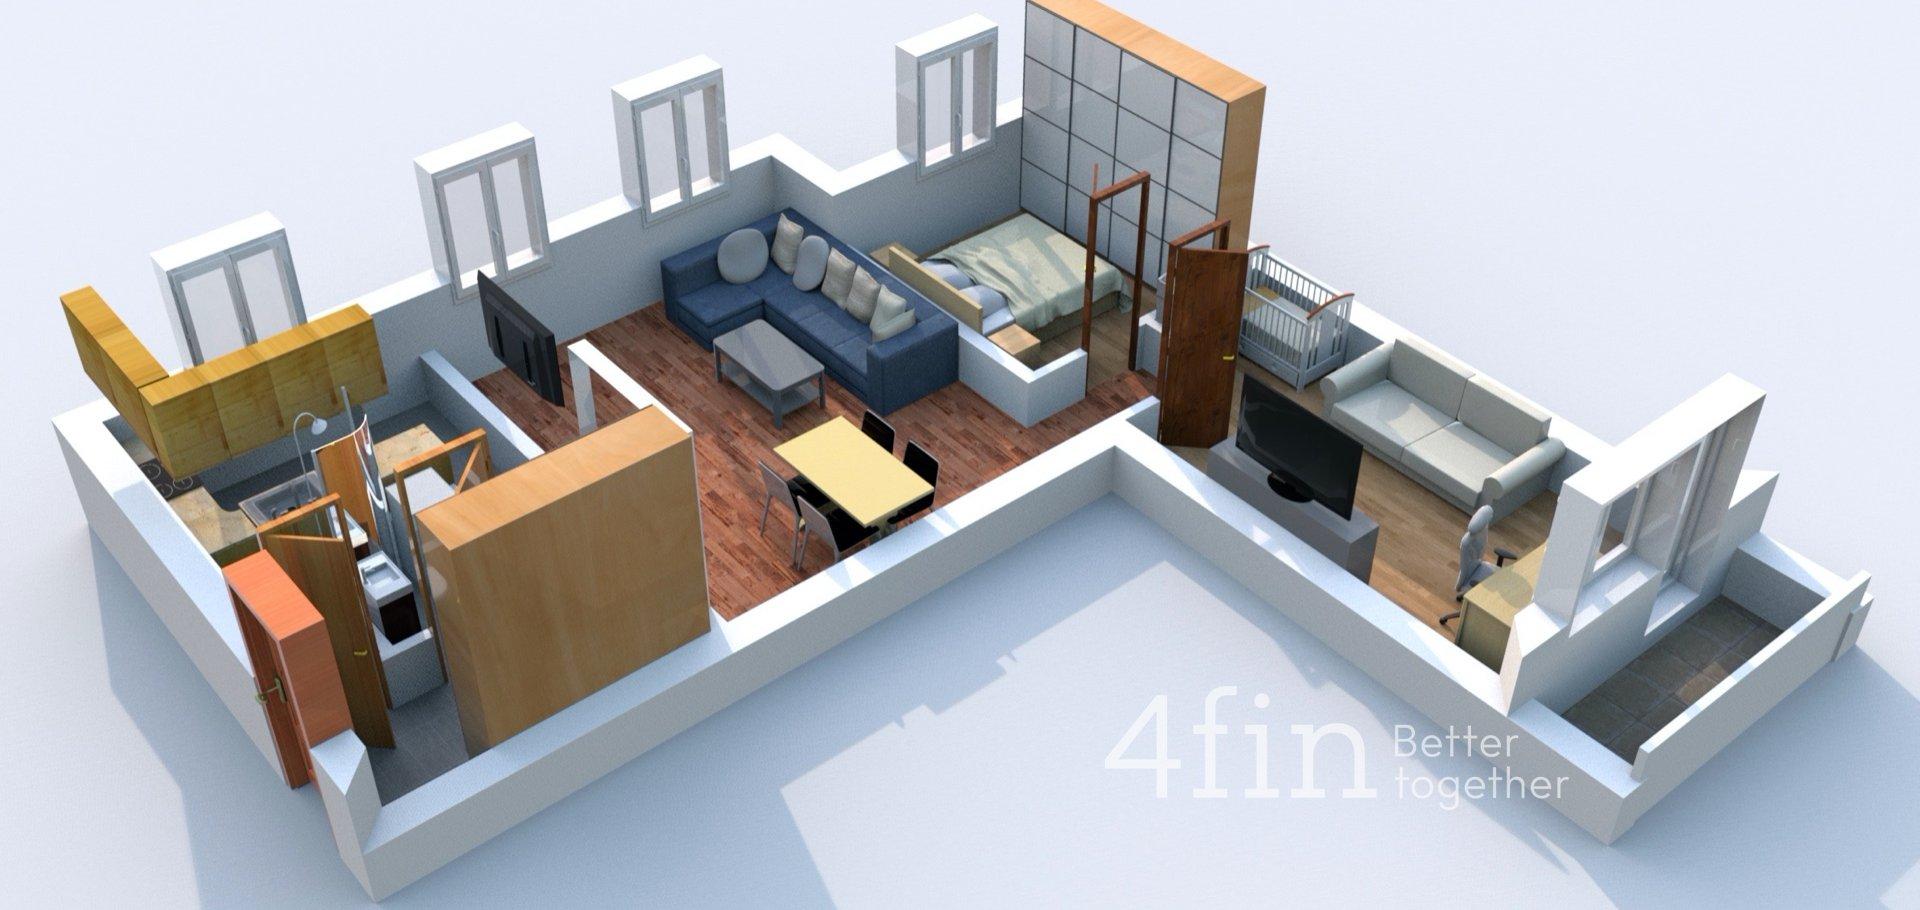 Prodej třípokojového bytu s lodžií a sklepem